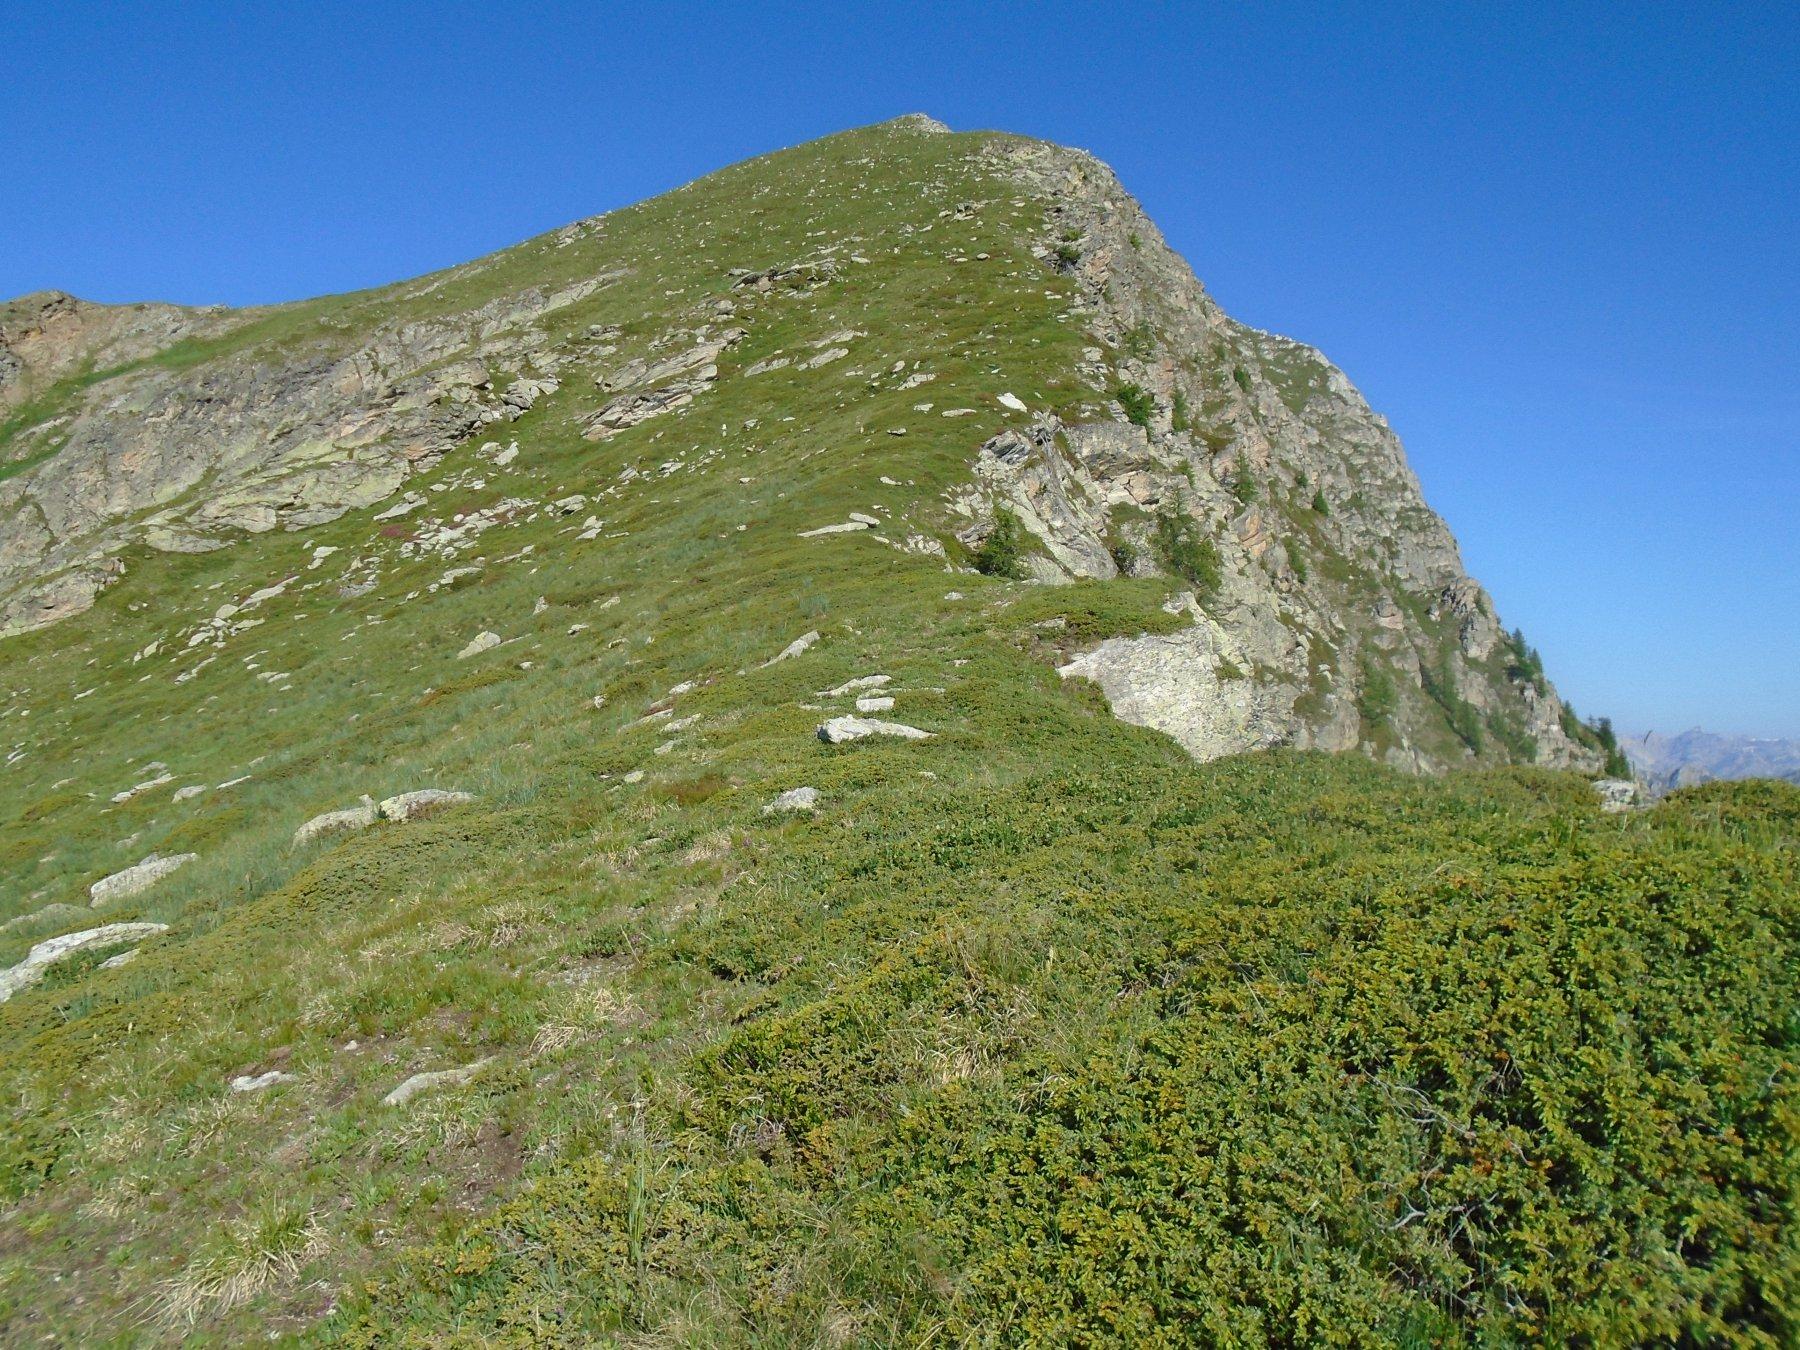 Dopo le roccette è solo un pendio ampio e poco ripido fino alla quota 2689